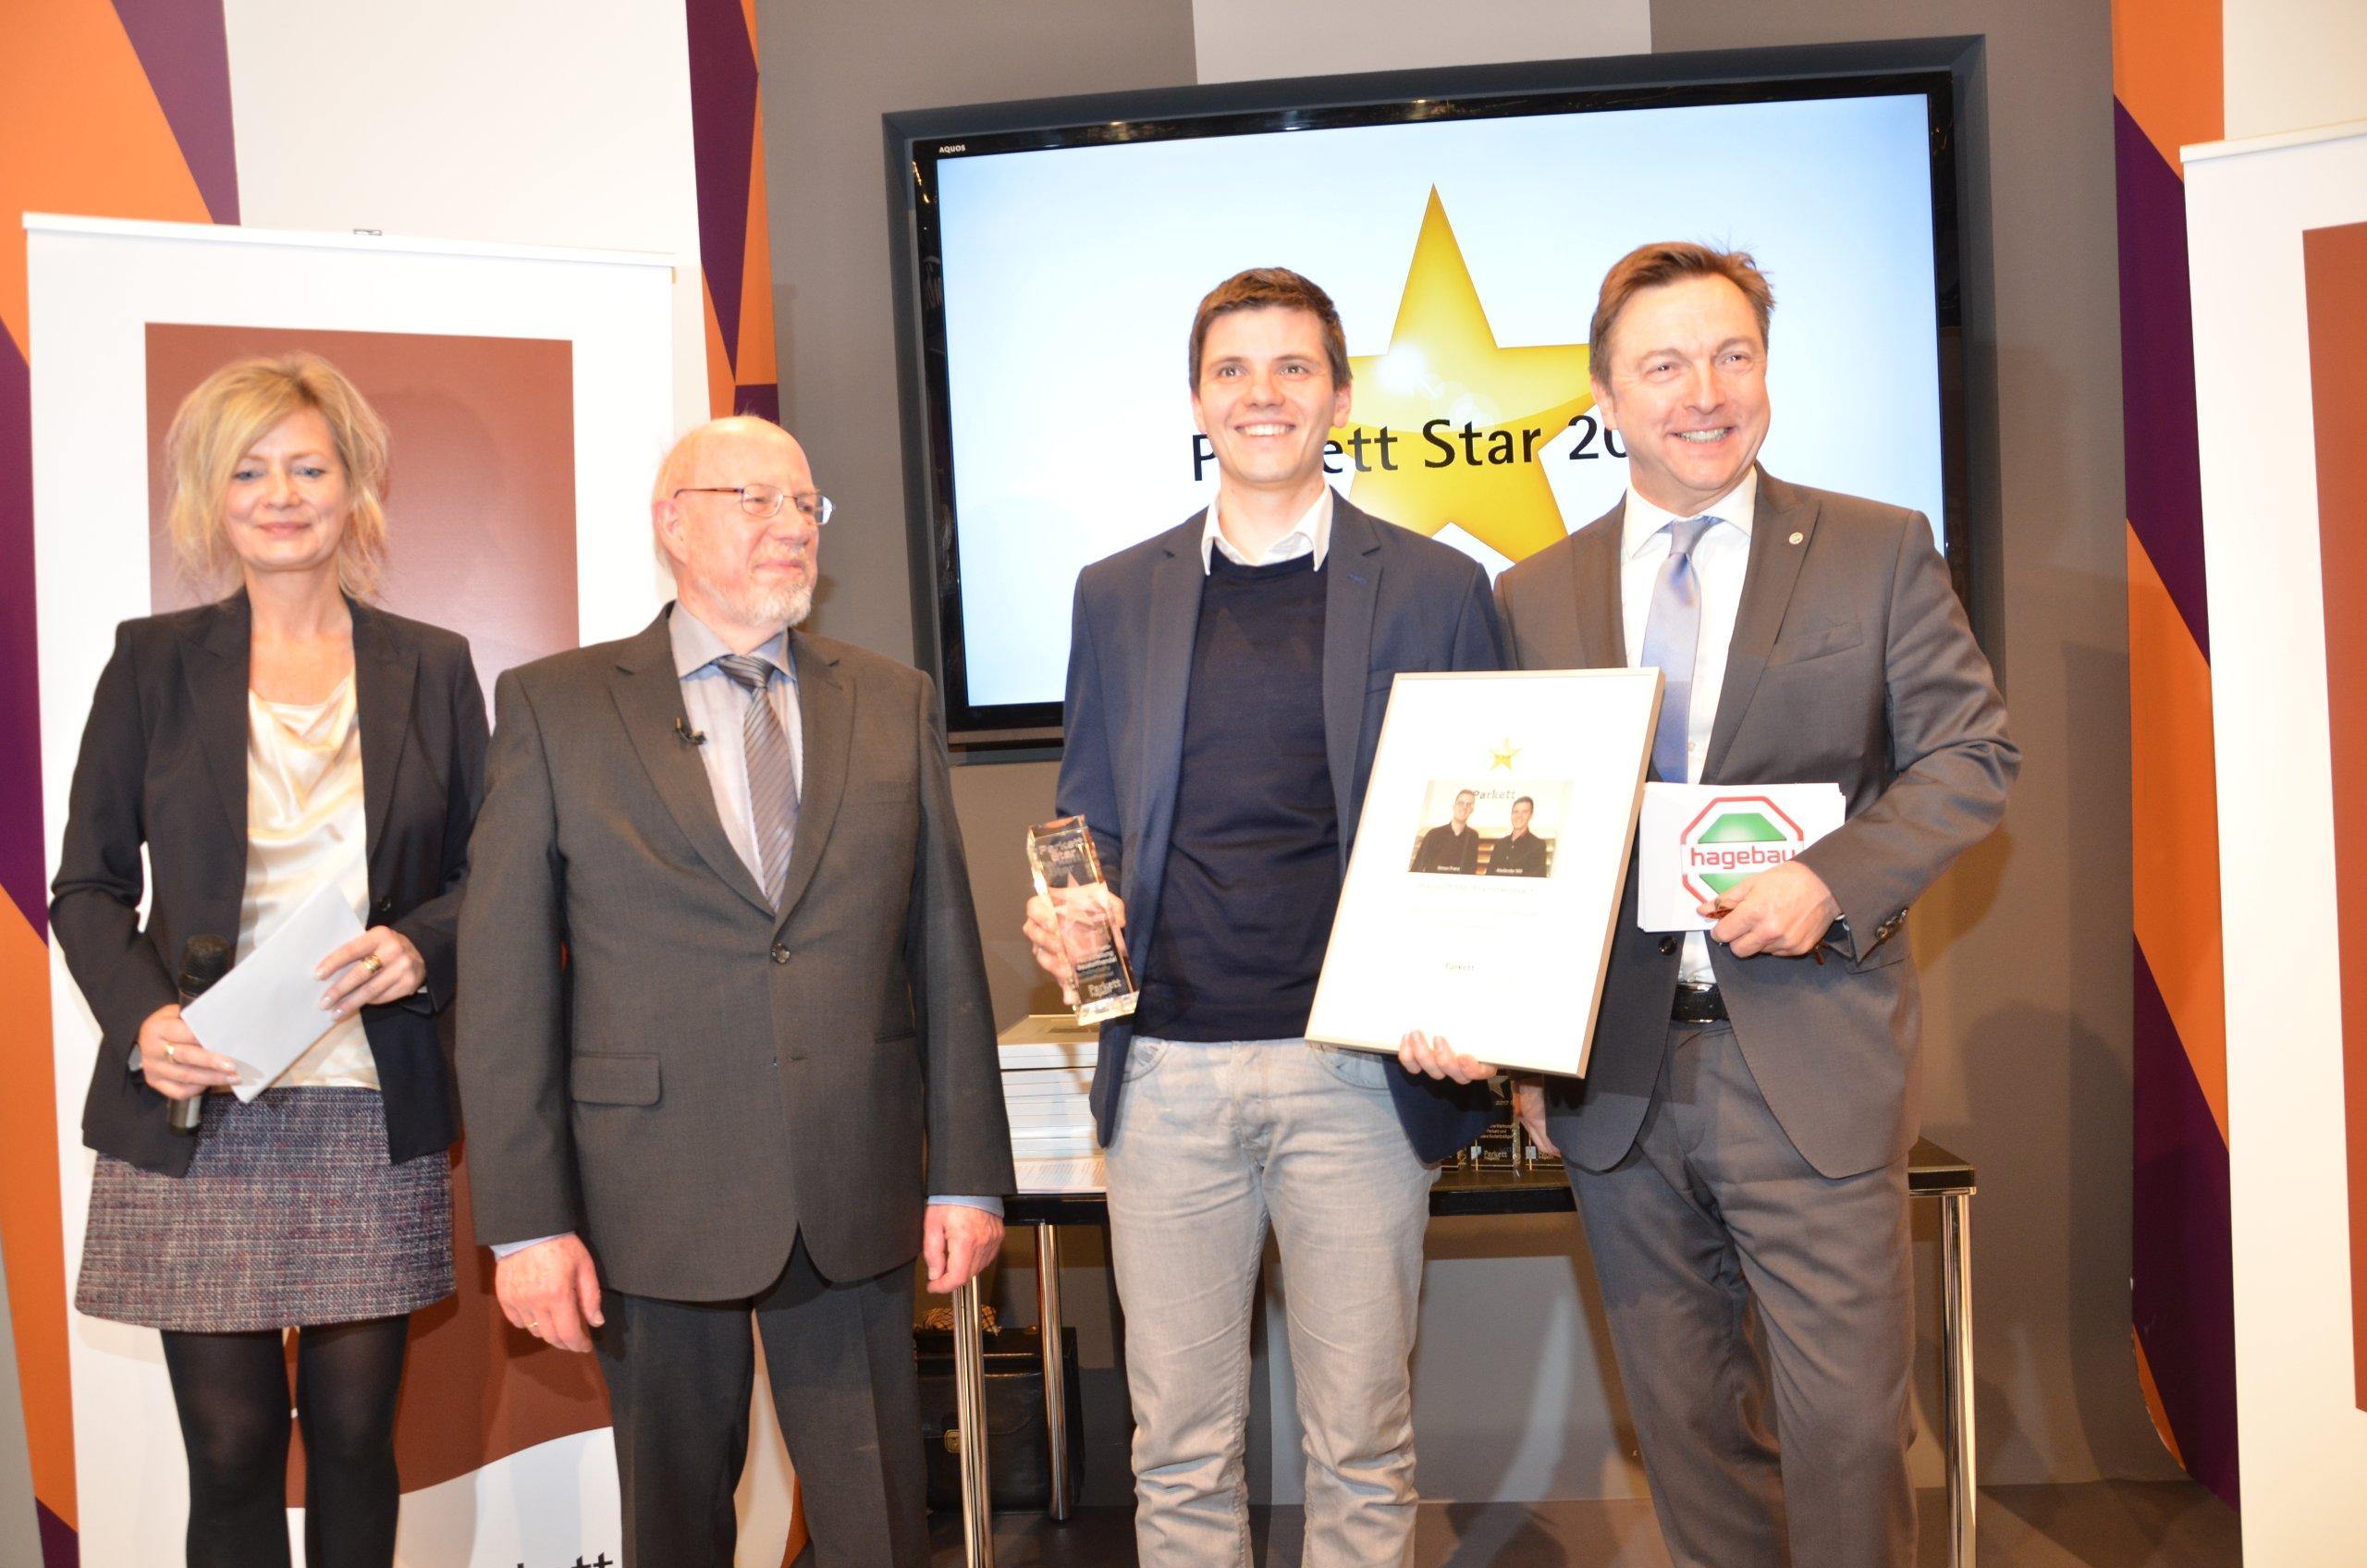 Hertog Parkett ausgezeichnet mit dem parkett 2017 als beste parkett